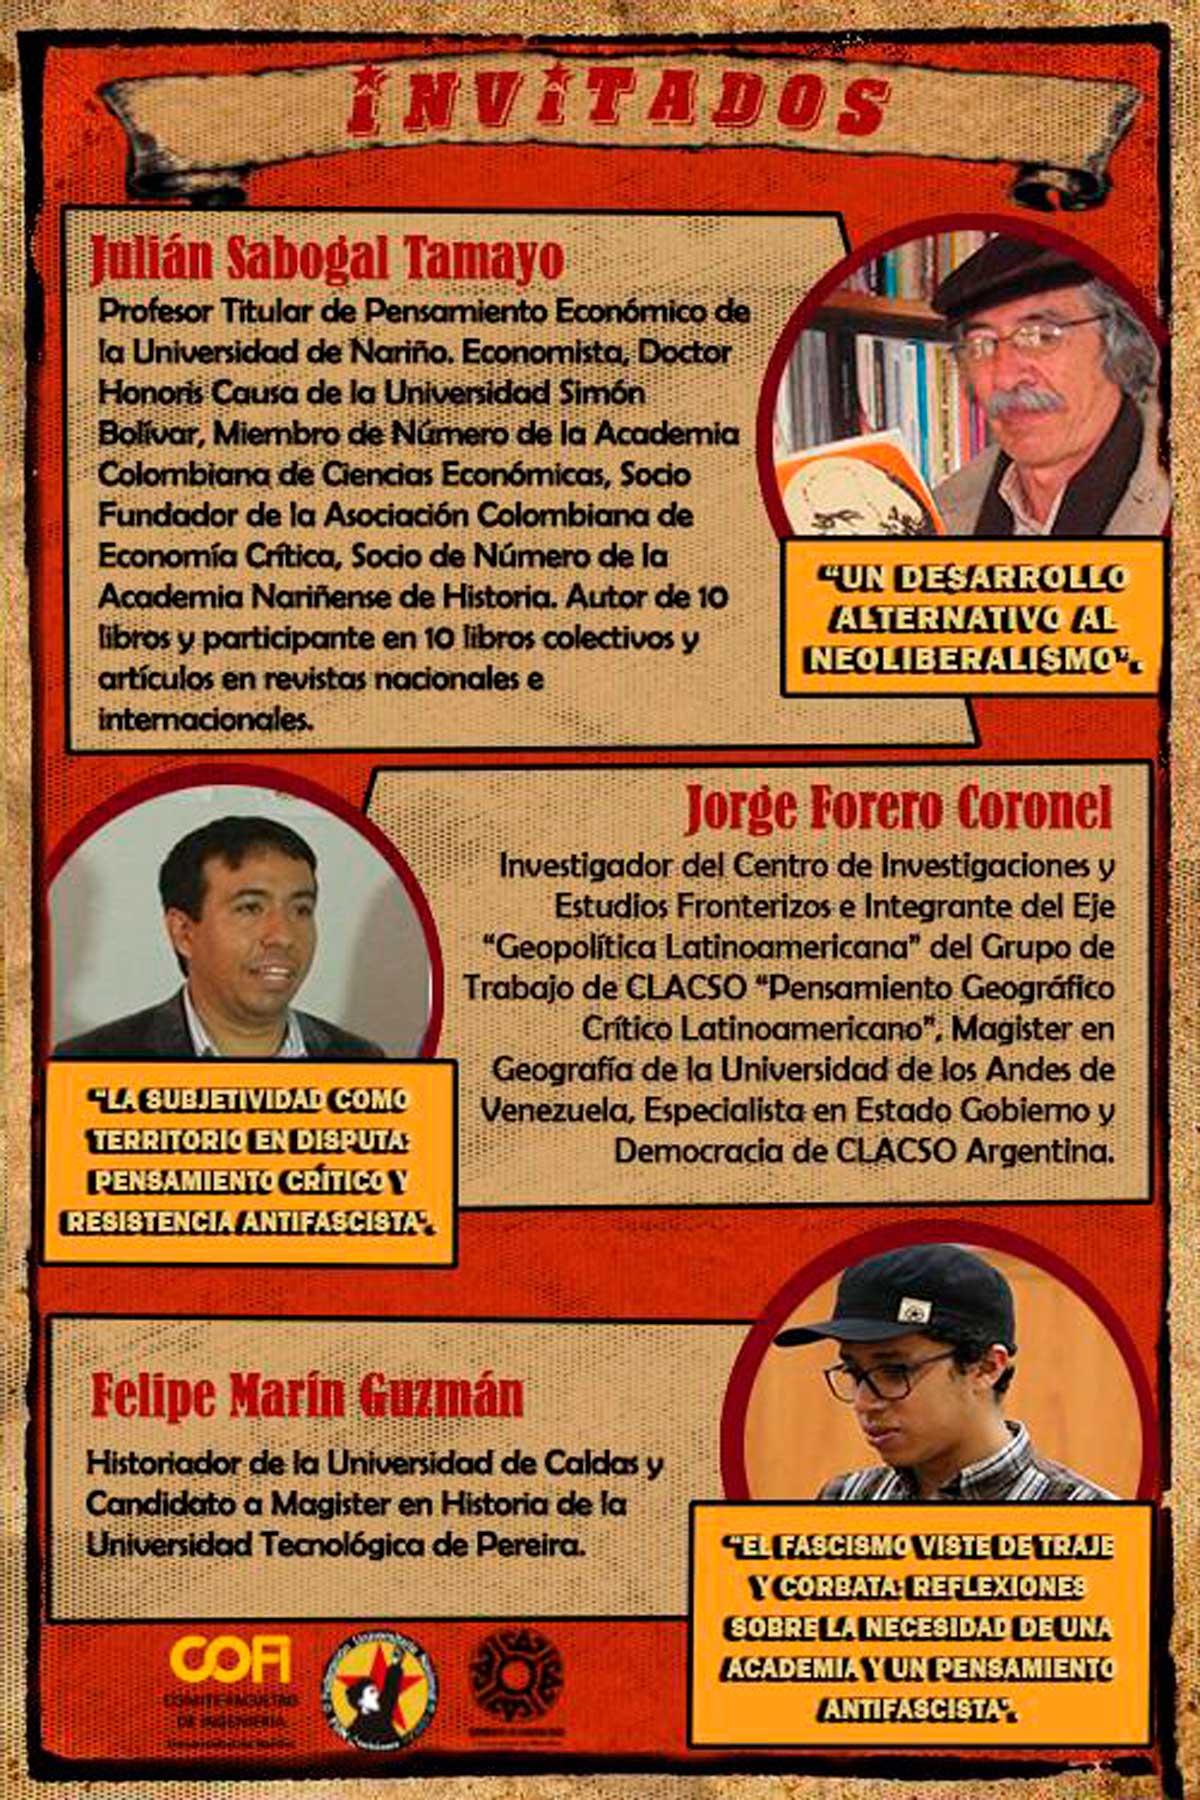 """Ponentes invitados Conversatorio """"Primera Línea de Académicos Antifascistas"""": Julián Sabogal Tamayo, Jorge Forero Coronel y Felipe Marín Guzmán."""